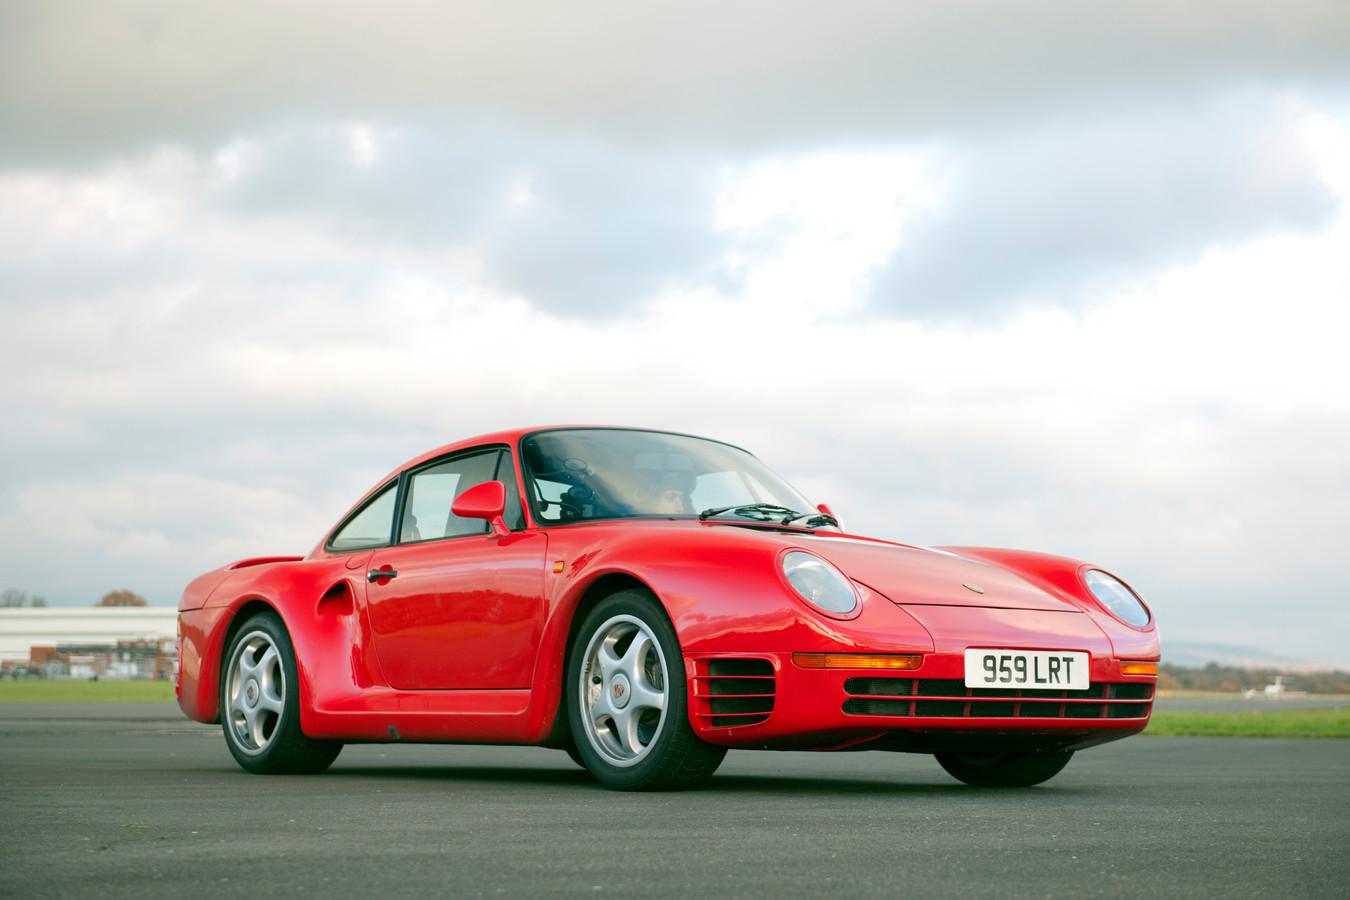 Een illustratie van een Porsche 959.